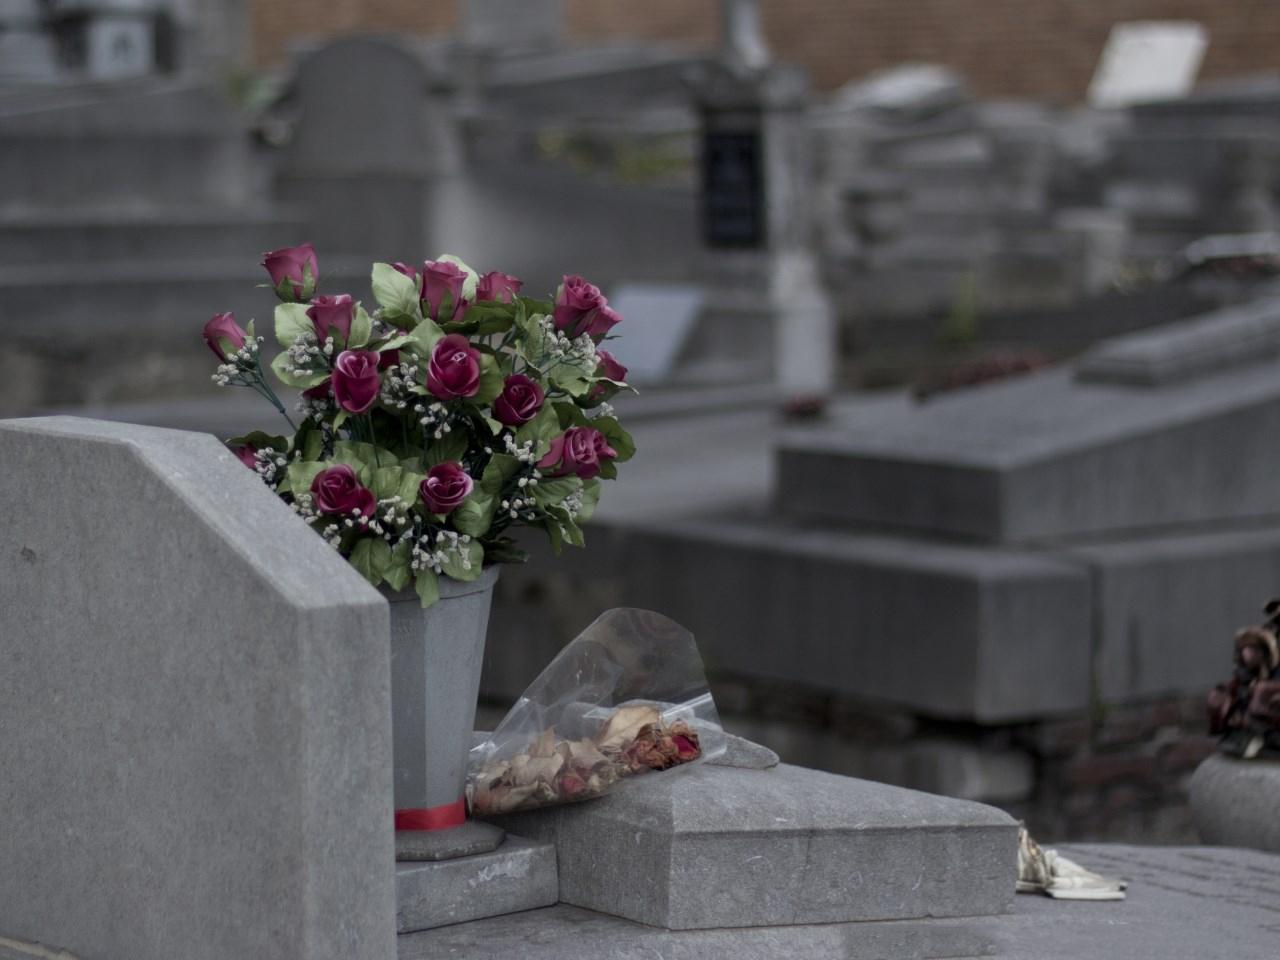 funeral__1_1541125865628.jpg